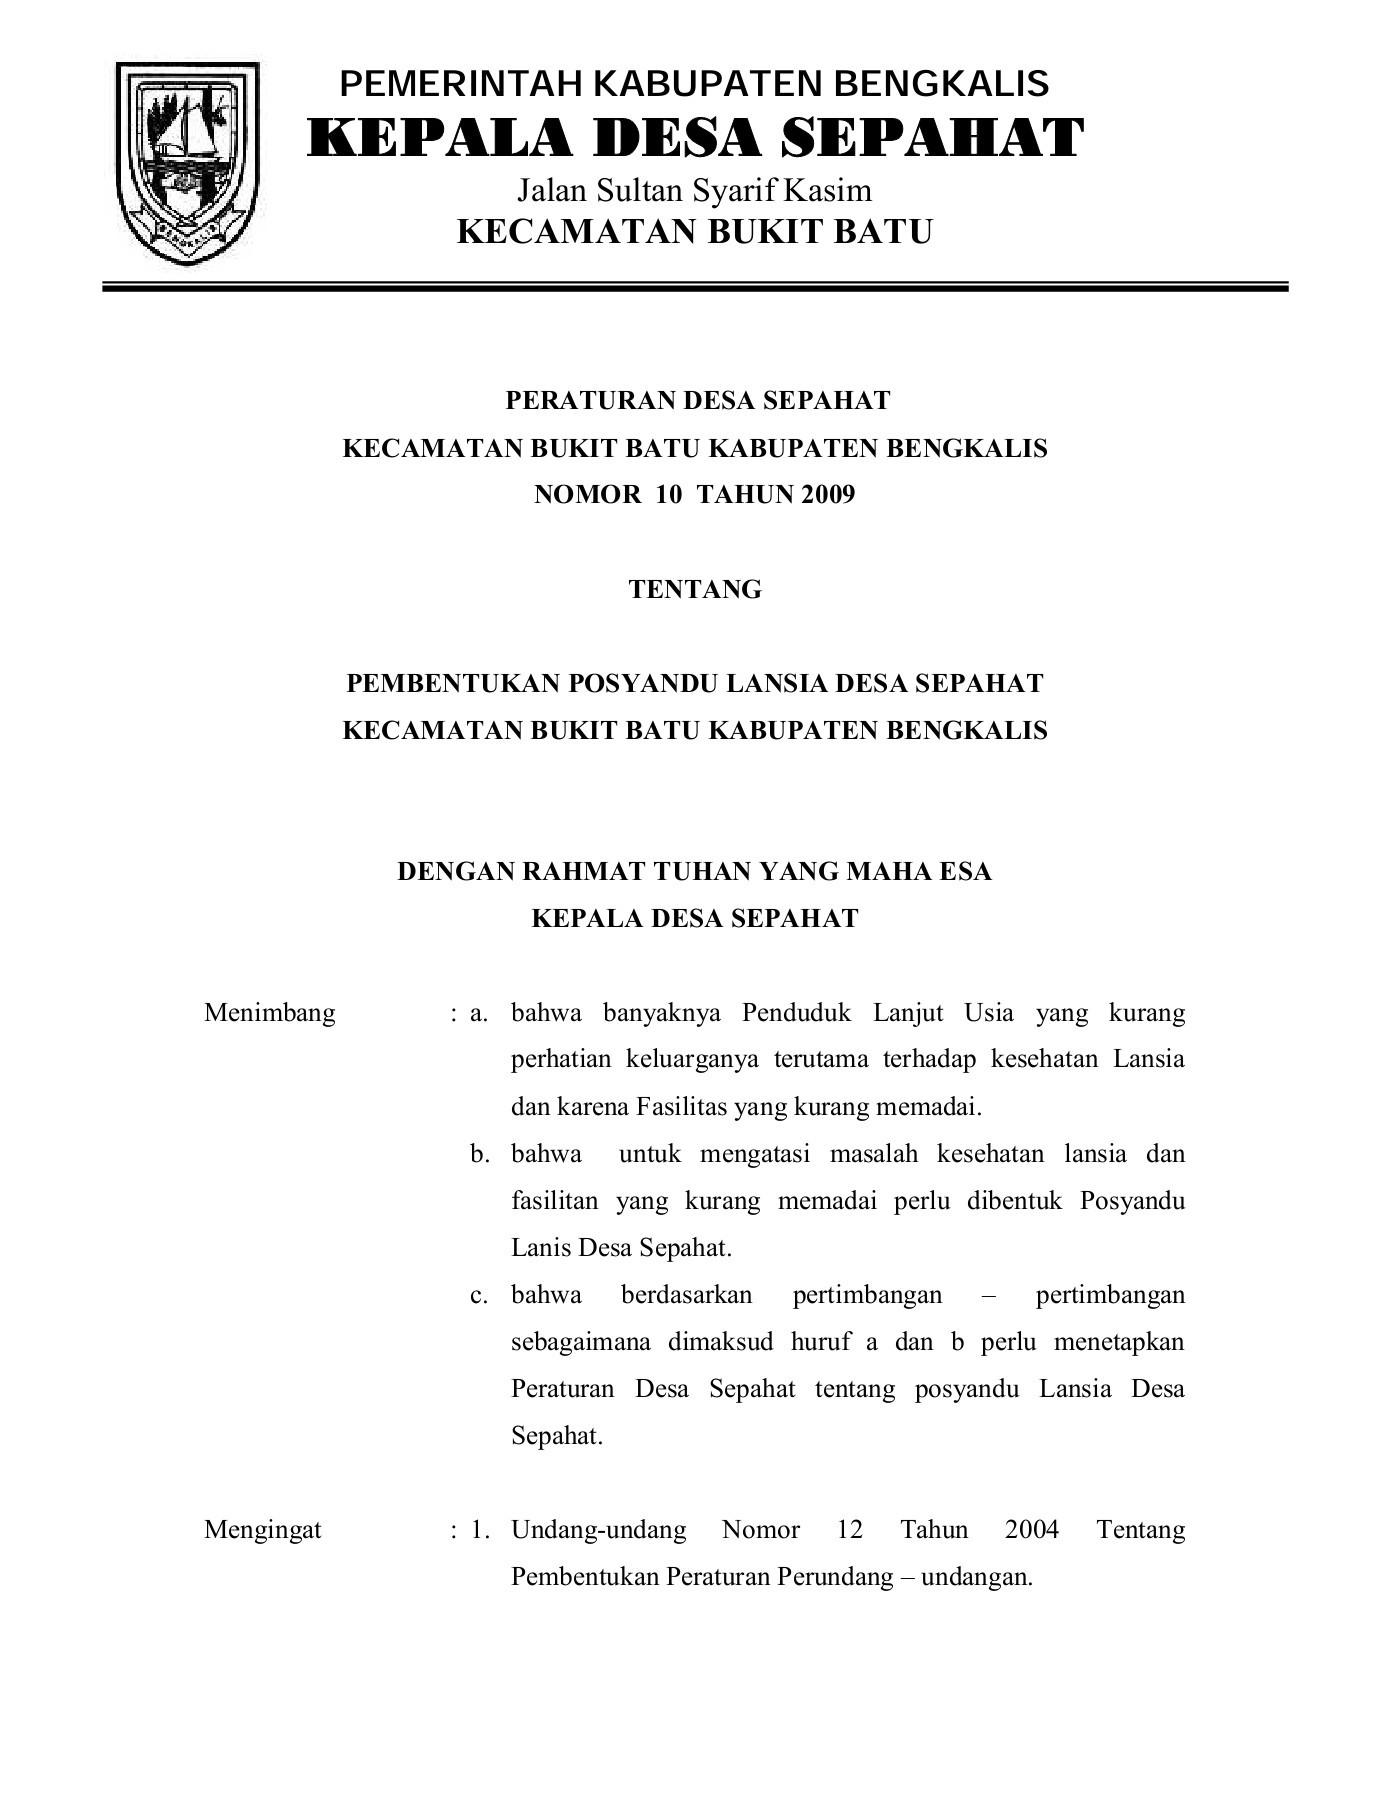 Contoh Sk Kader Posyandu : contoh, kader, posyandu, Contoh, Kader, Posyandu, IlmuSosial.id